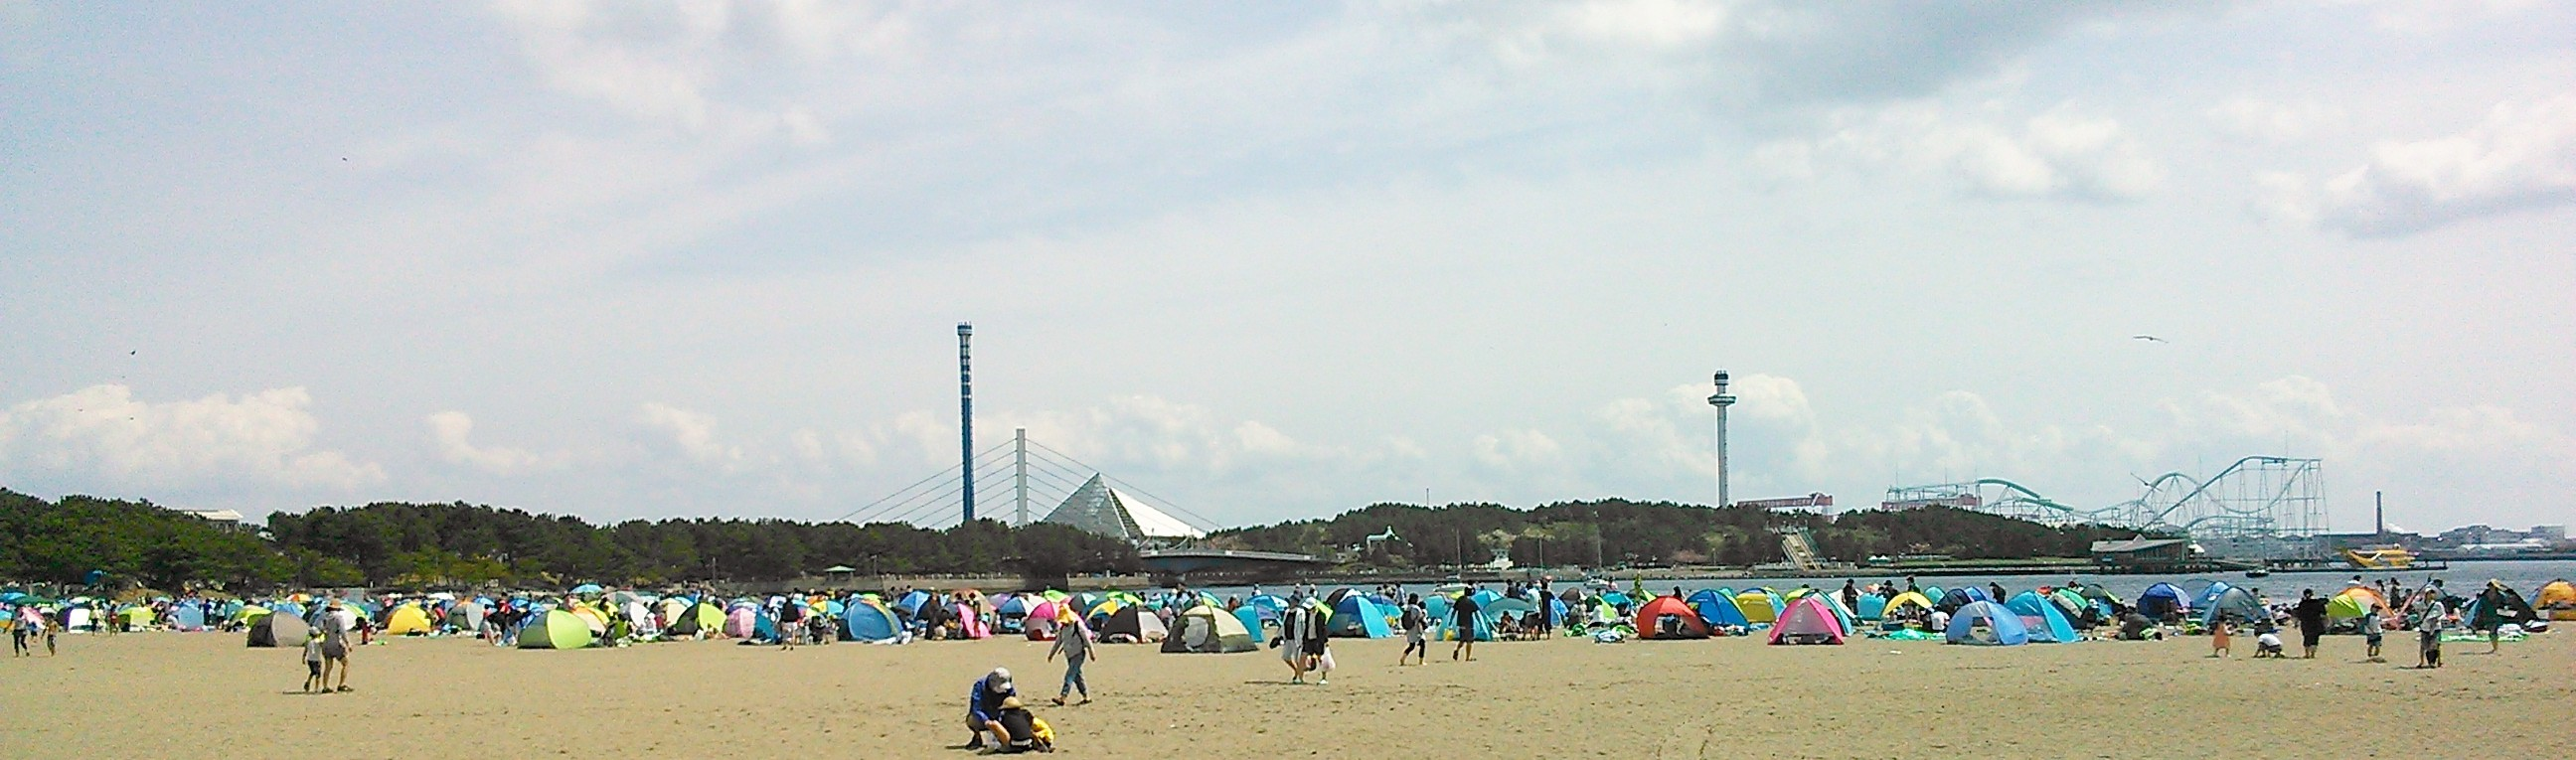 多くの人で賑わう海の公園